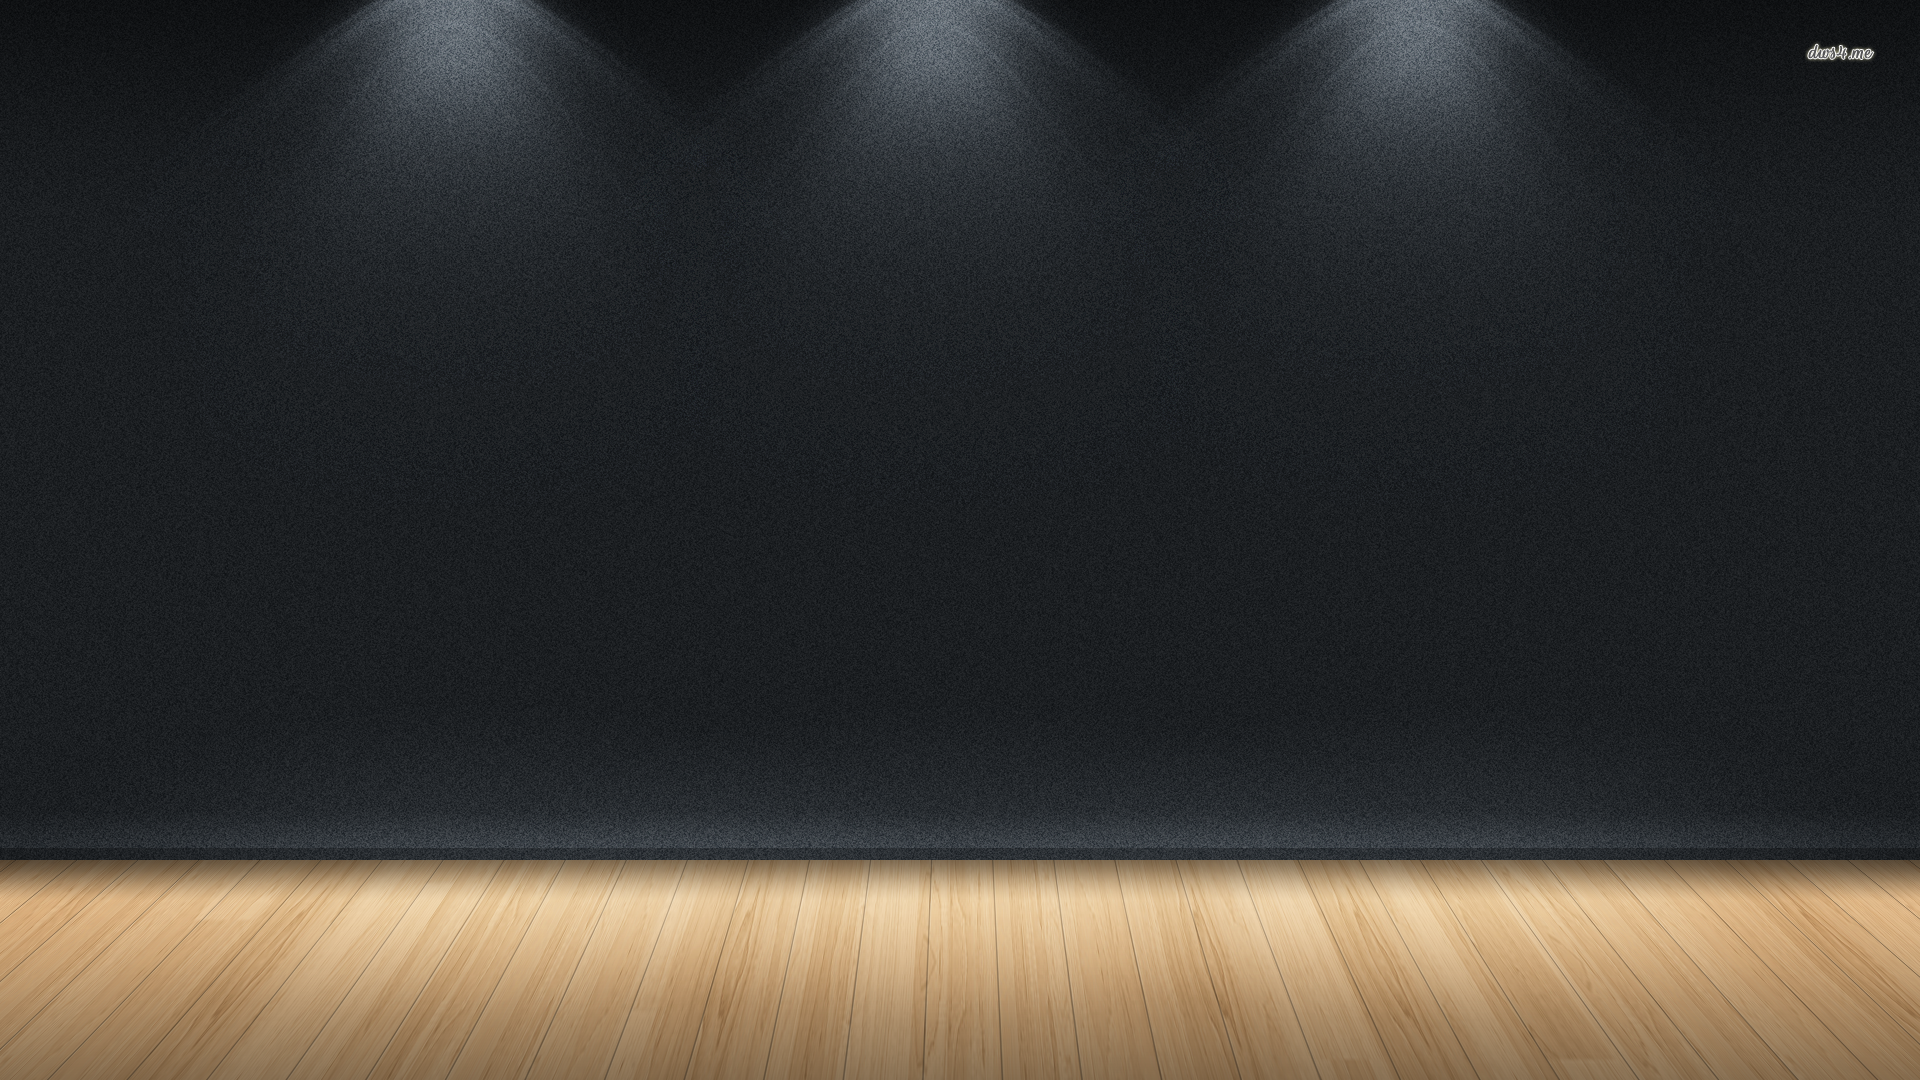 Floor PNG HD - 126095